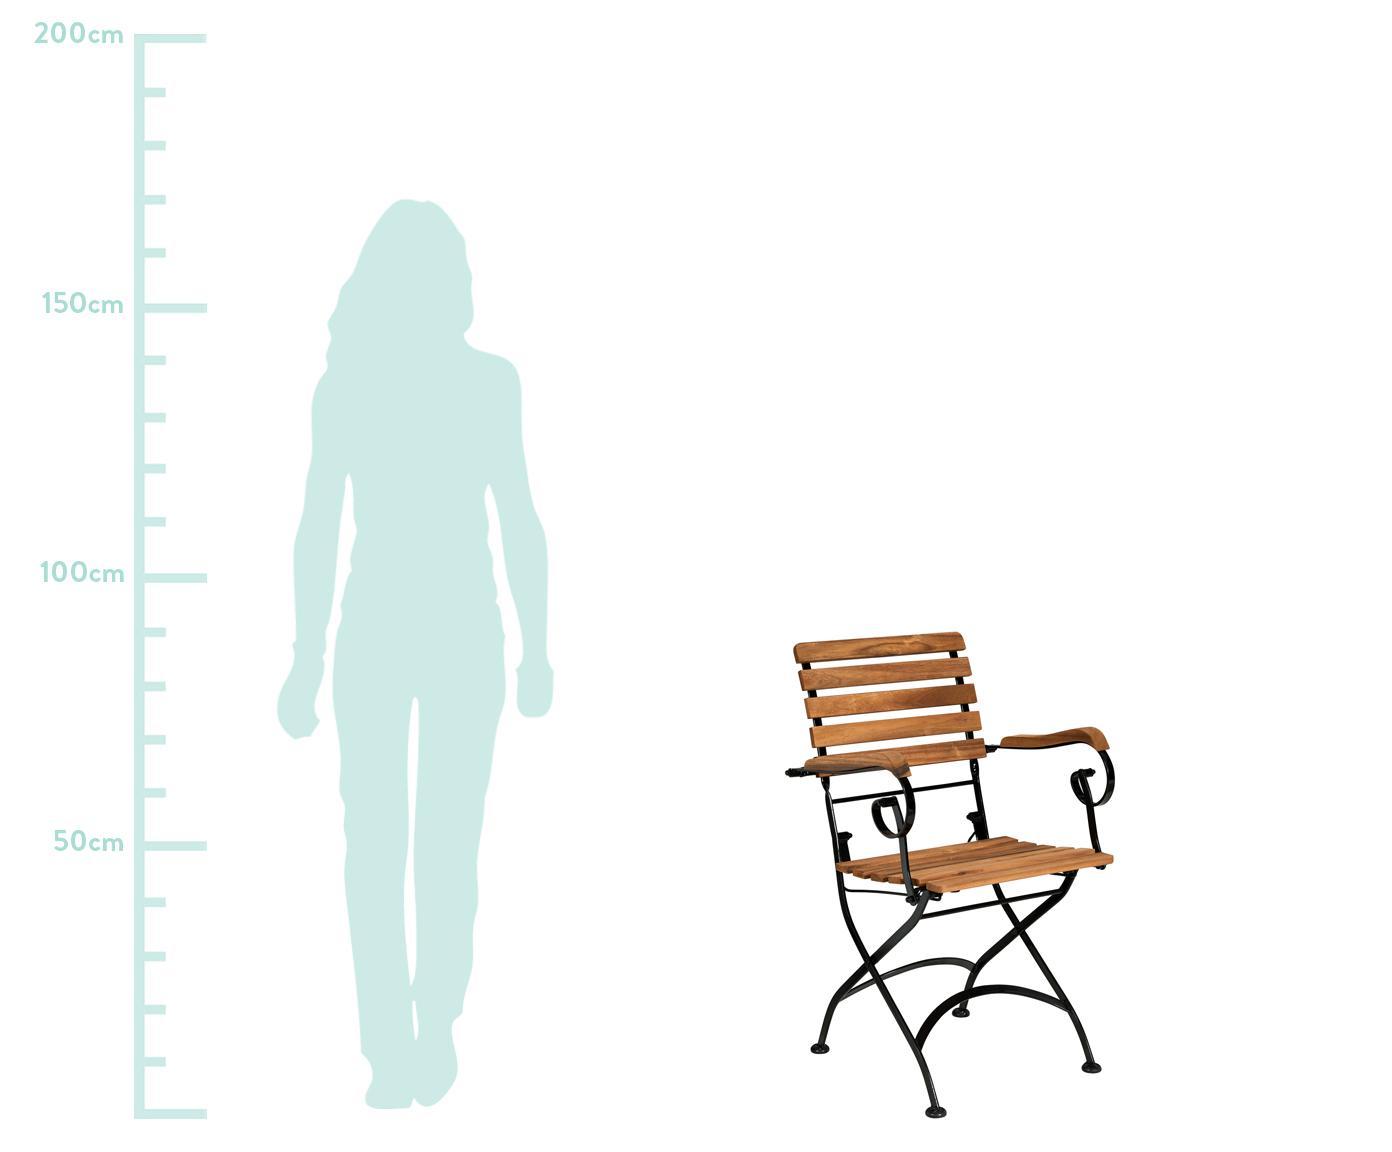 Garten-Klappstühle Parklife mit Armlehnen, 2 Stück, Sitzfläche: Akazienholz, geölt, Gestell: Metall, verzinkt, pulverb, Schwarz, Akazienholz, B 59 x T 52 cm